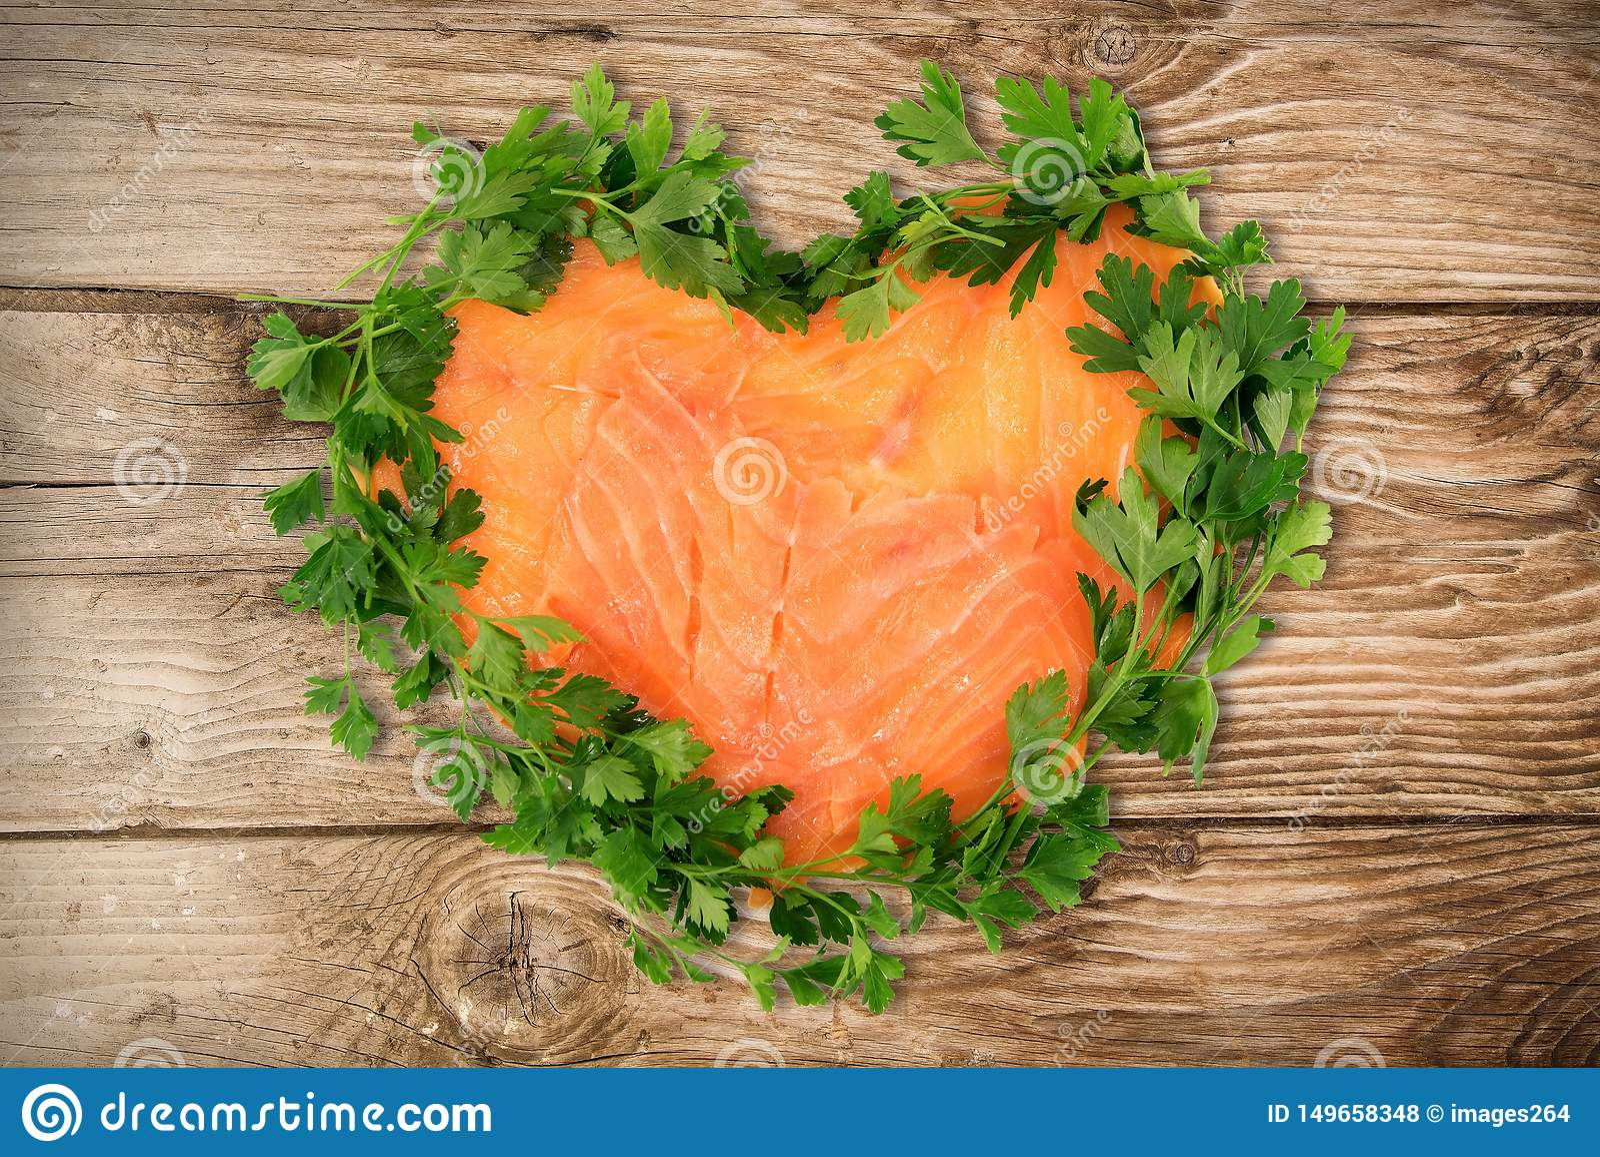 Salmoni affumicati